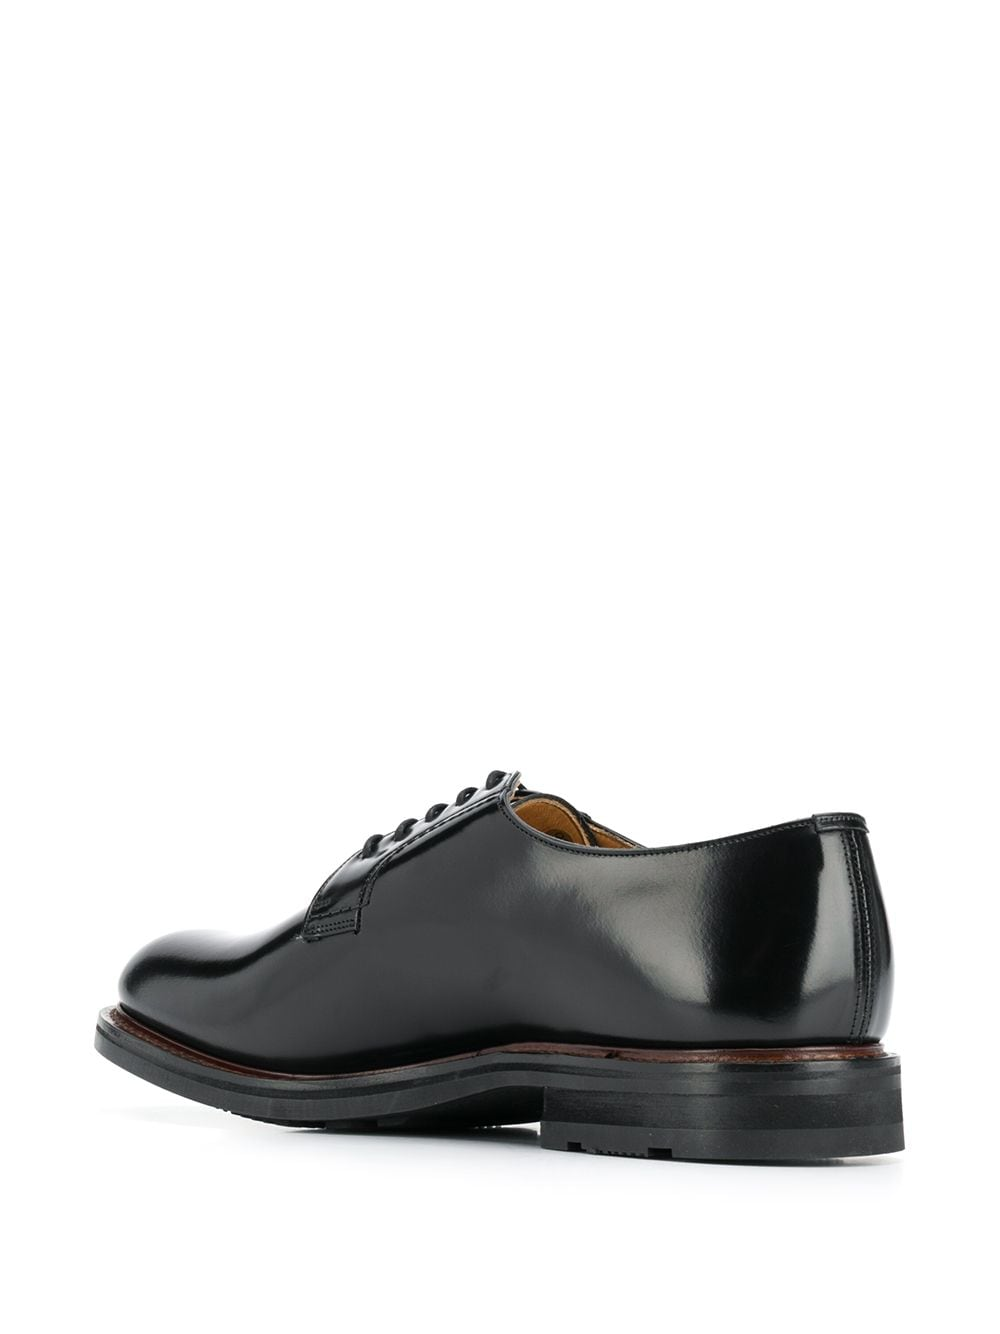 Black shoes CHURCH'S |  | EEC185FG000009XVF0AAB